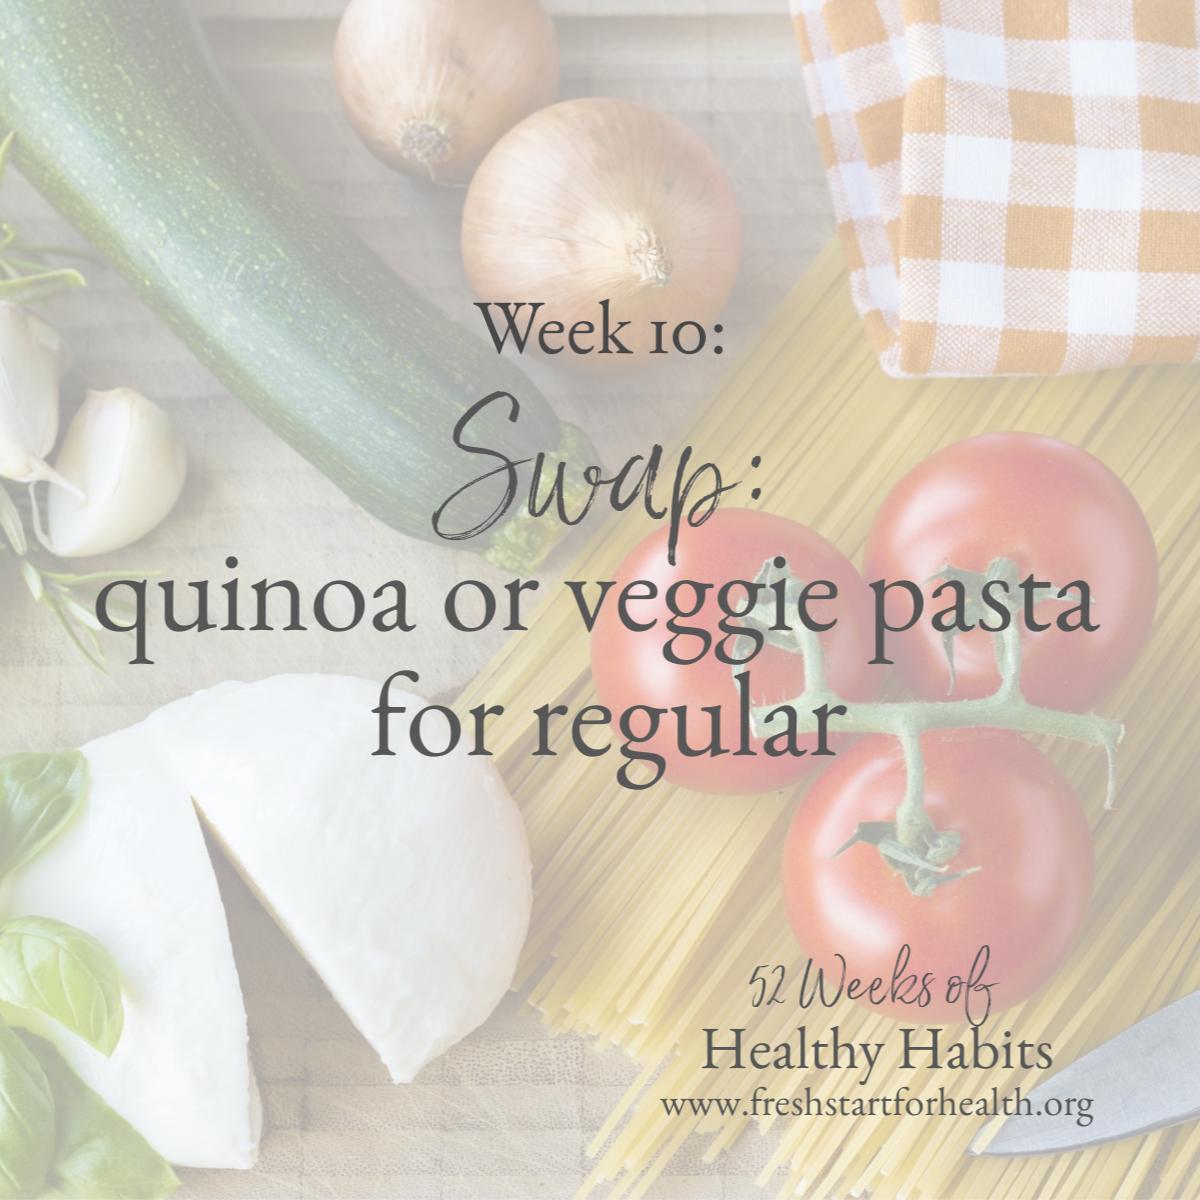 52 weeks week 10 swap pasta.png